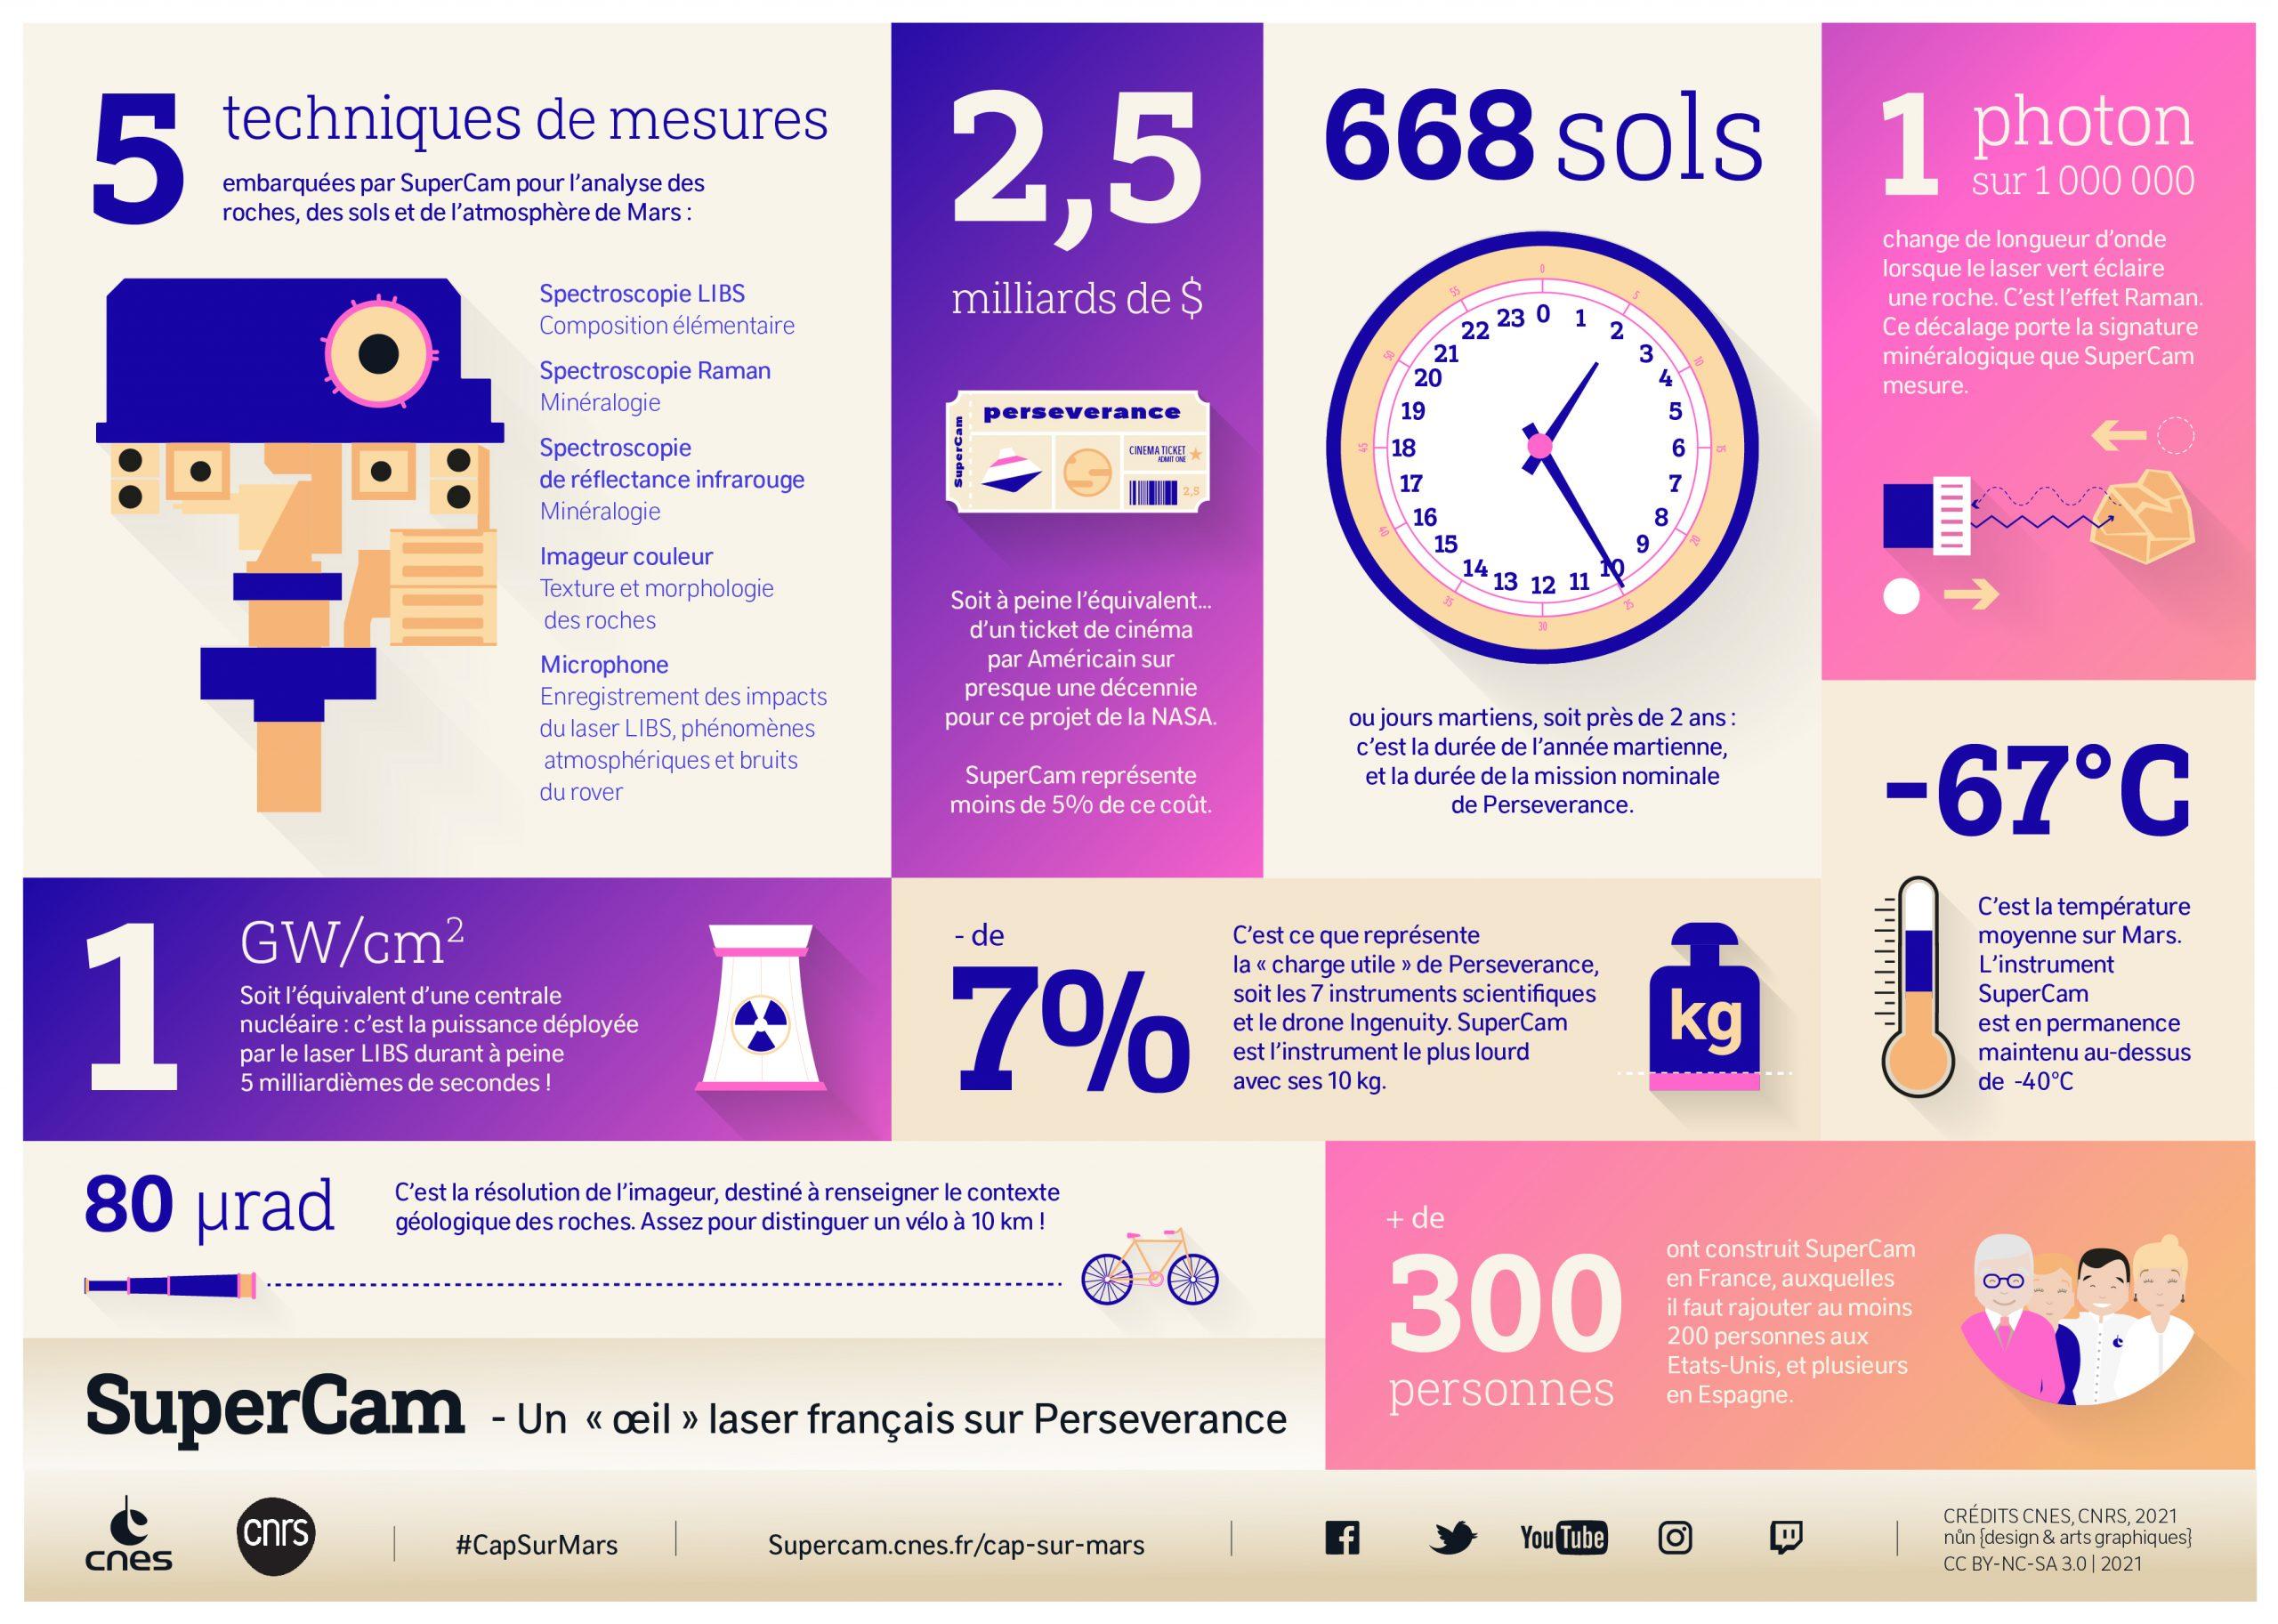 SuperCam, les chiffres clés d'un instrument hors-norme